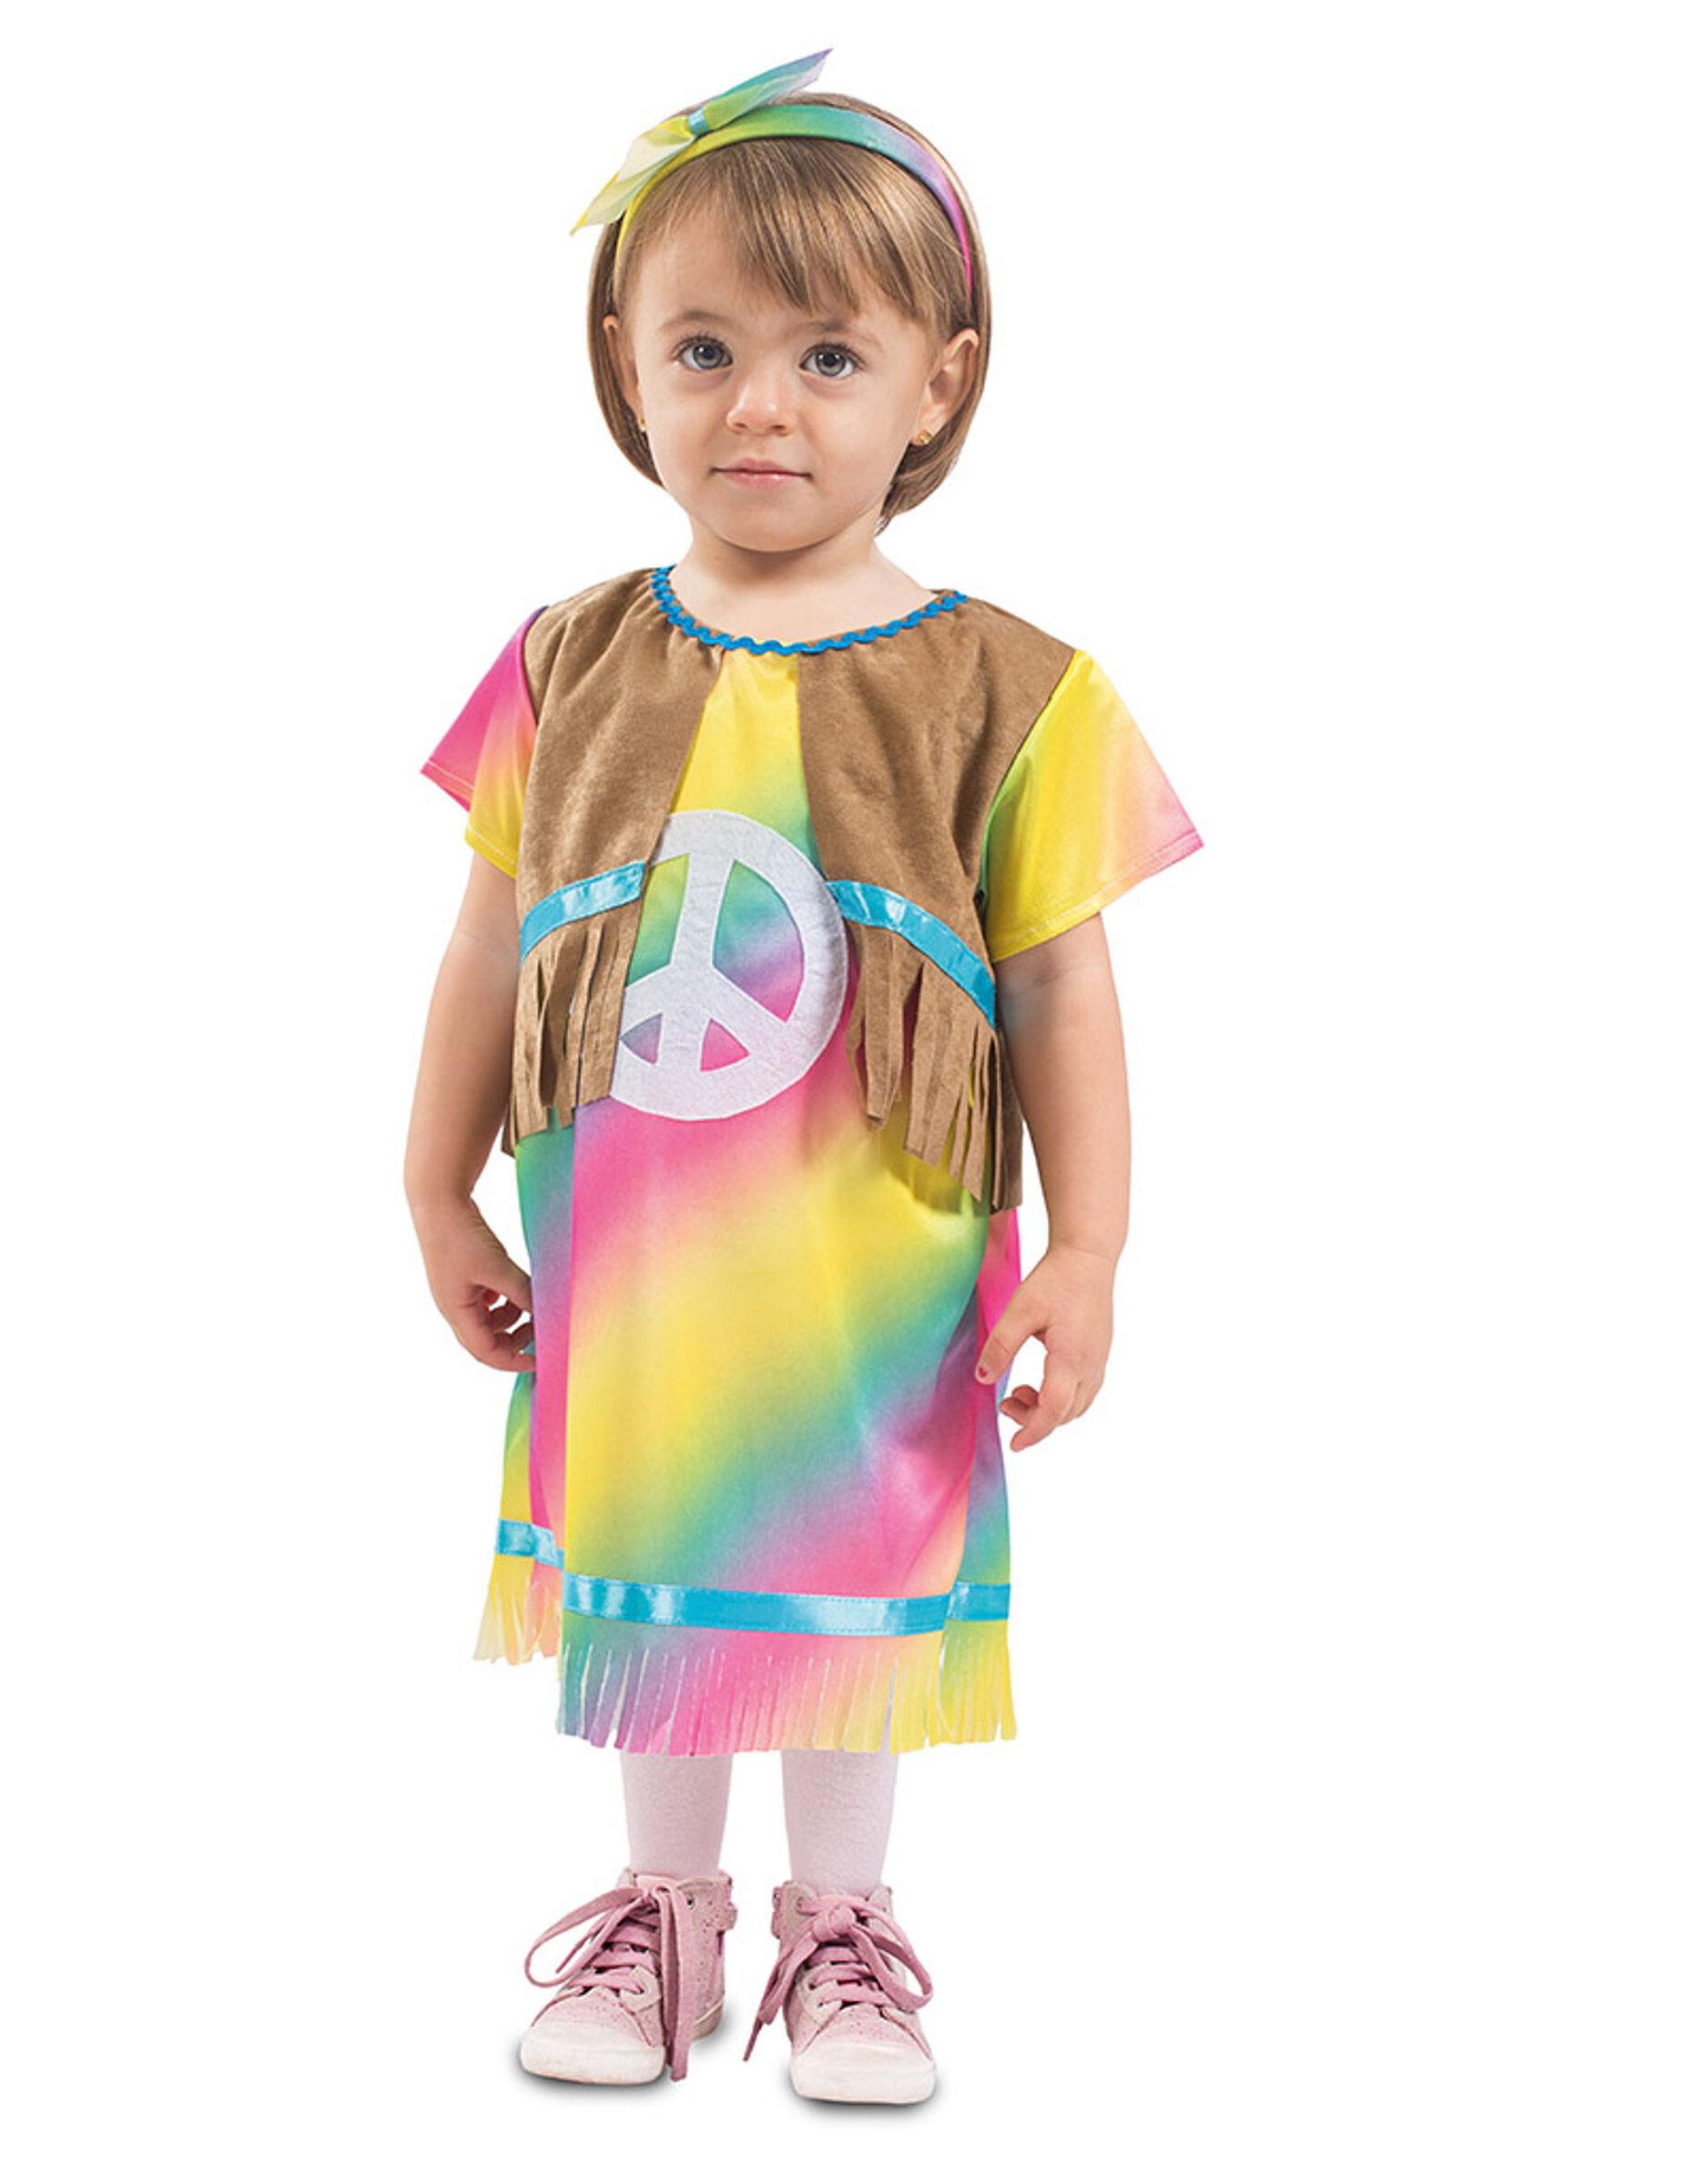 Deguisetoi Déguisement robe petite hippie bébé - Taille: 6 à 12 mois (67-69 cm)